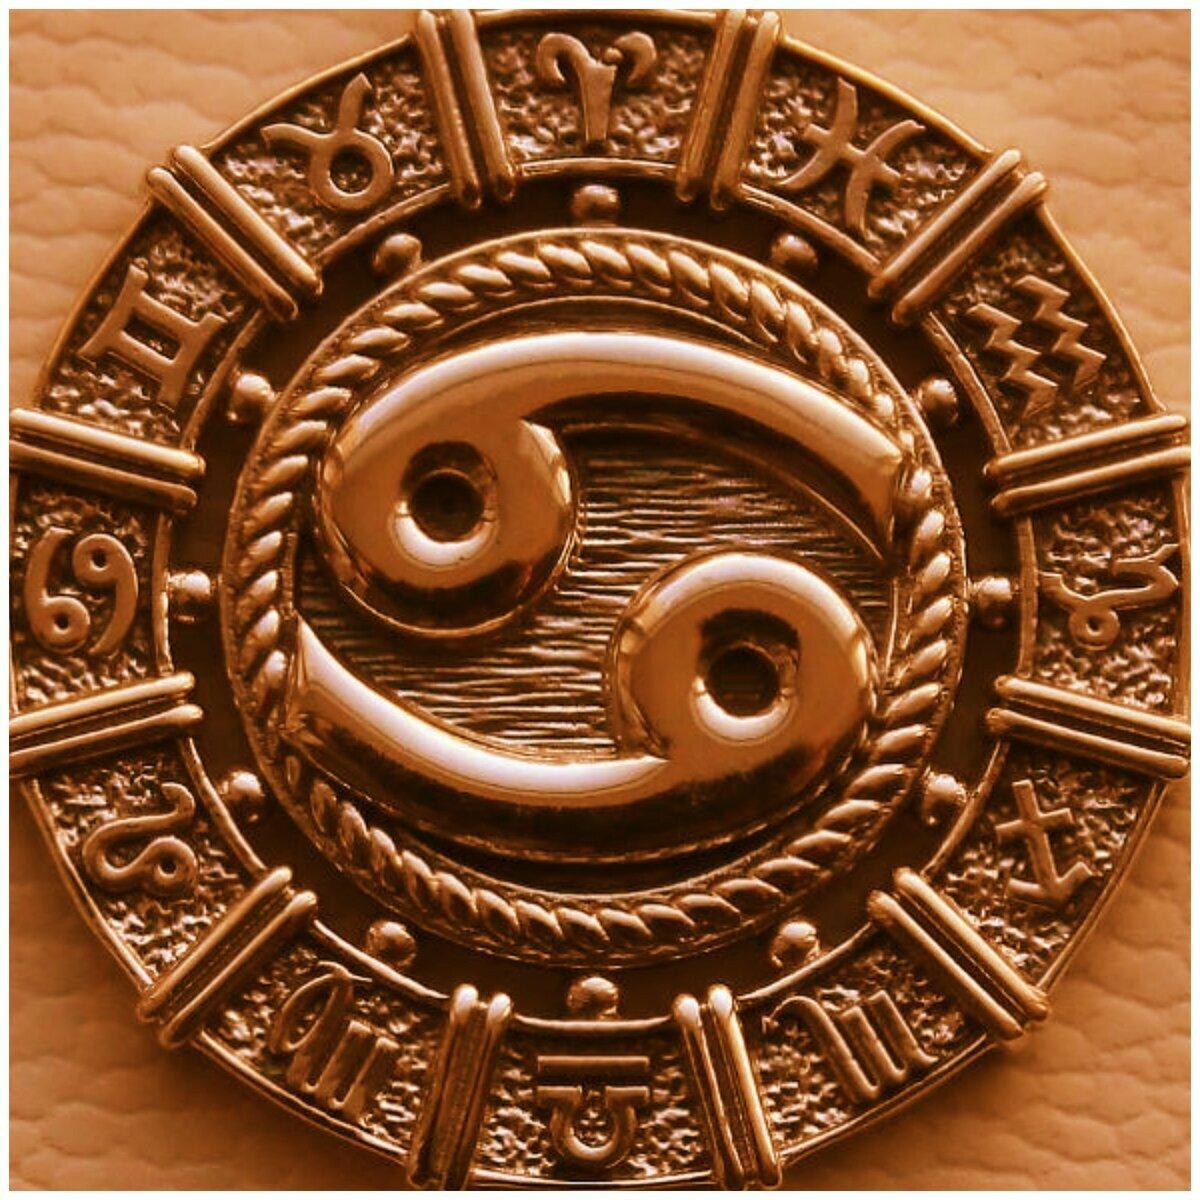 Талисманы для знаков зодиака: оберег-животное на удачу, амулеты по гороскопу